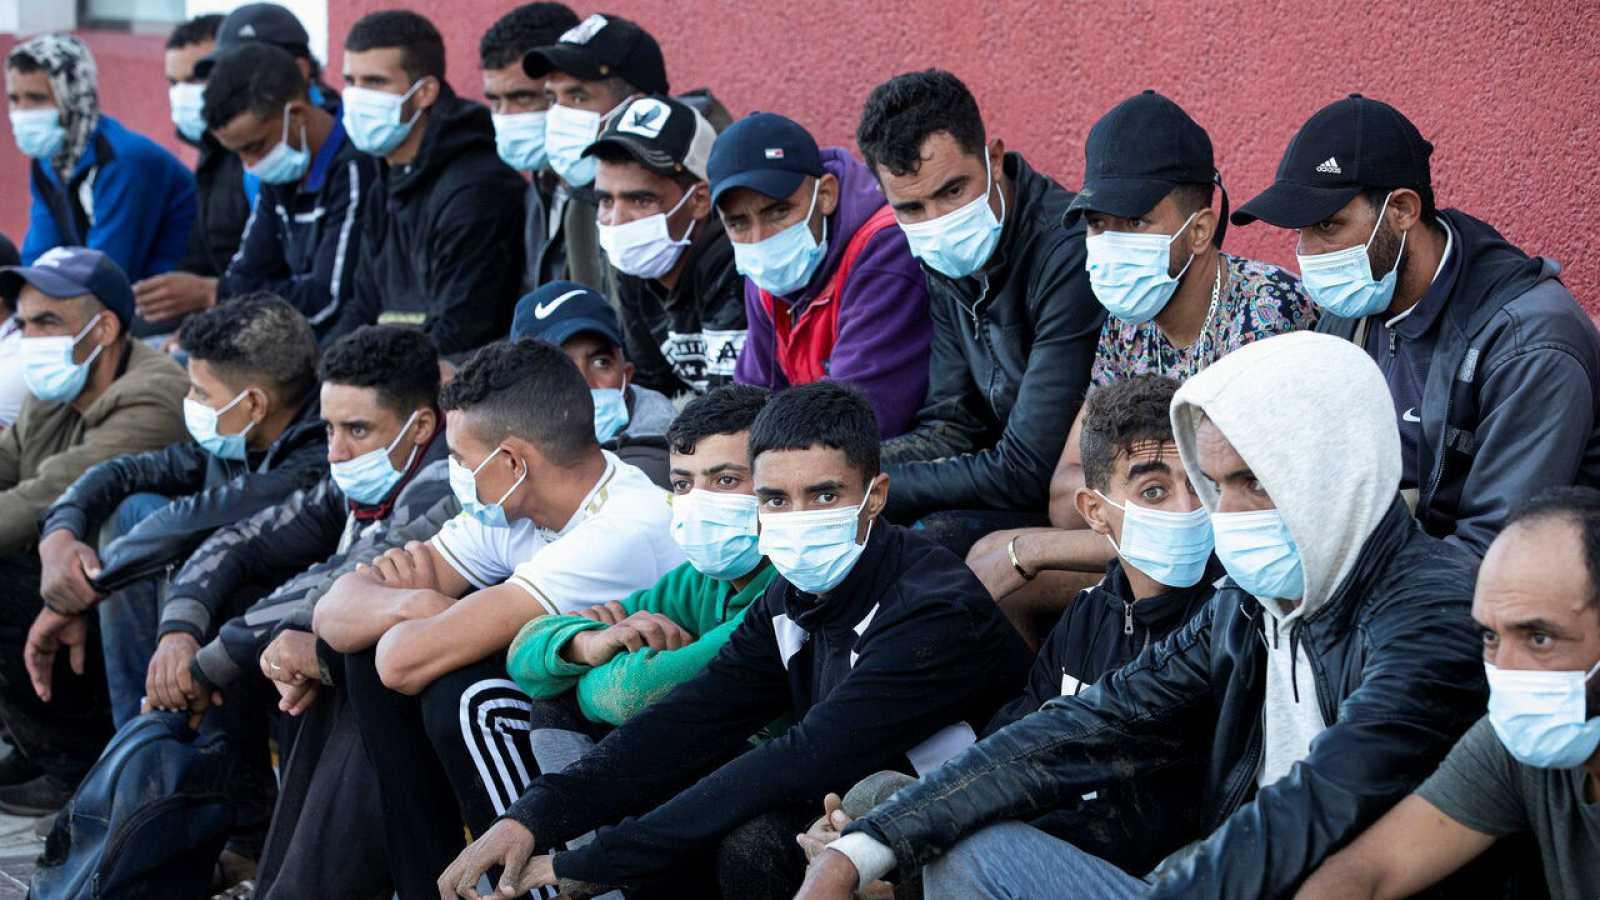 Numerosos jóvenes marroquíes dejan sus aldeas en el interior del país para subirse a una patera rumbo a Europa